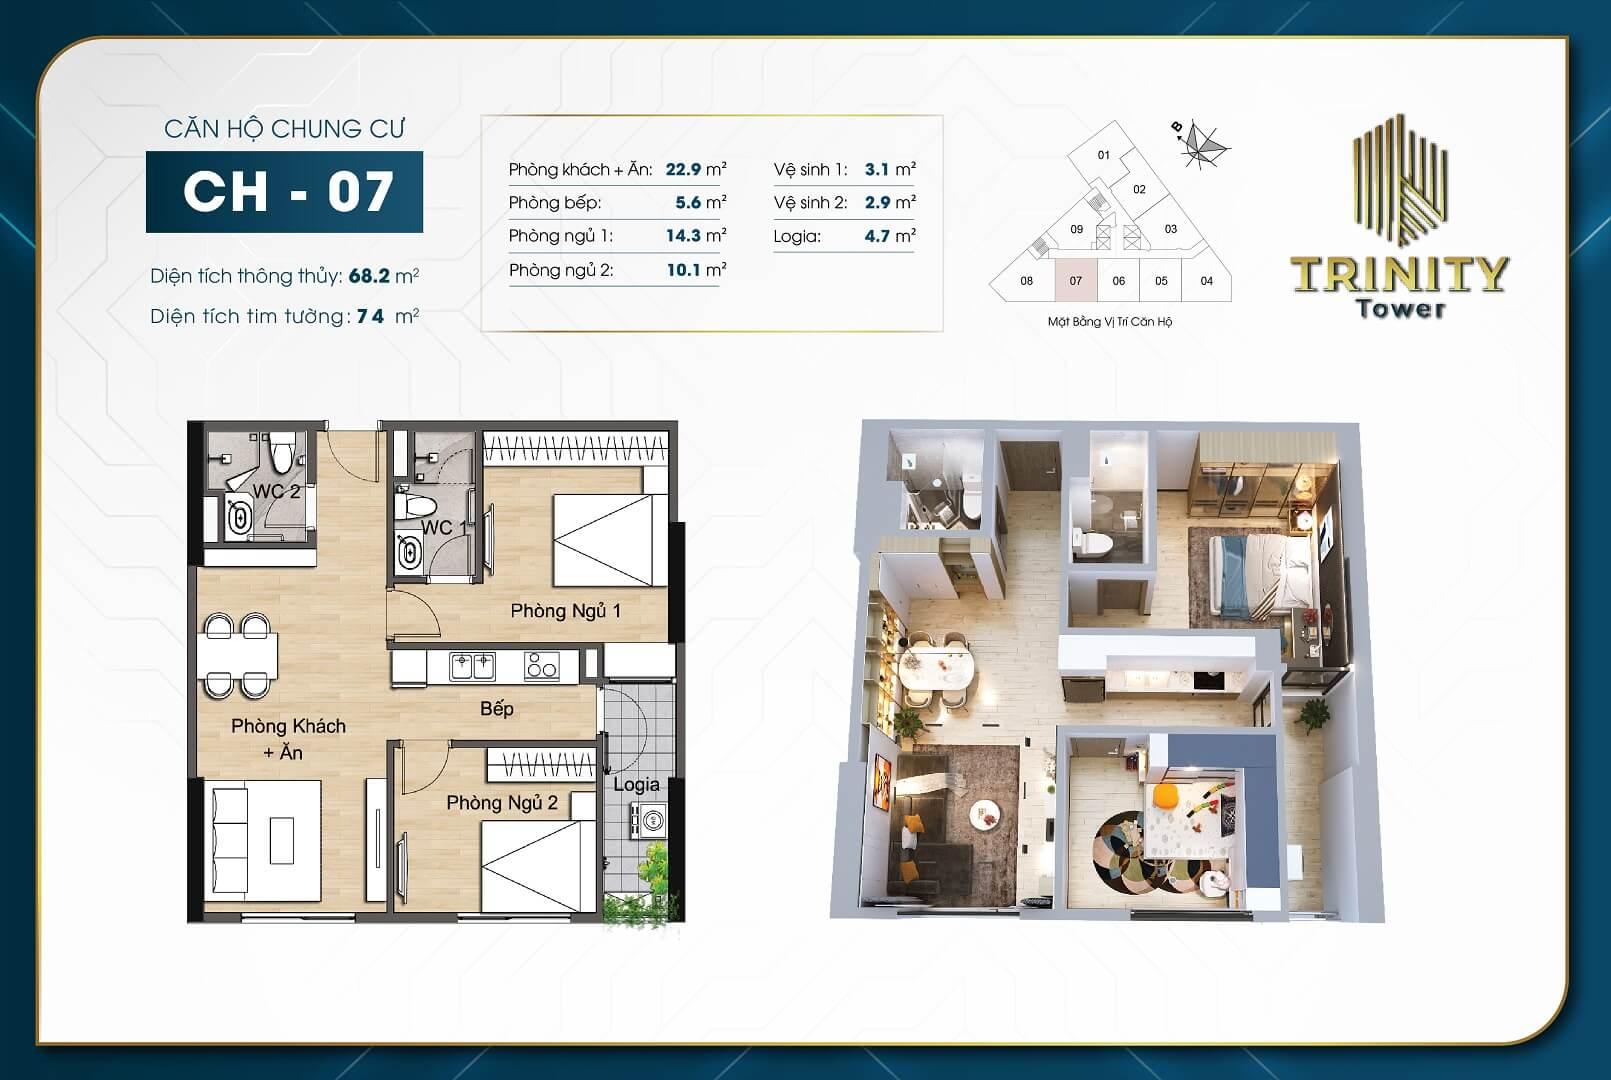 thiết kế chung cư trinity tower căn hộ 07